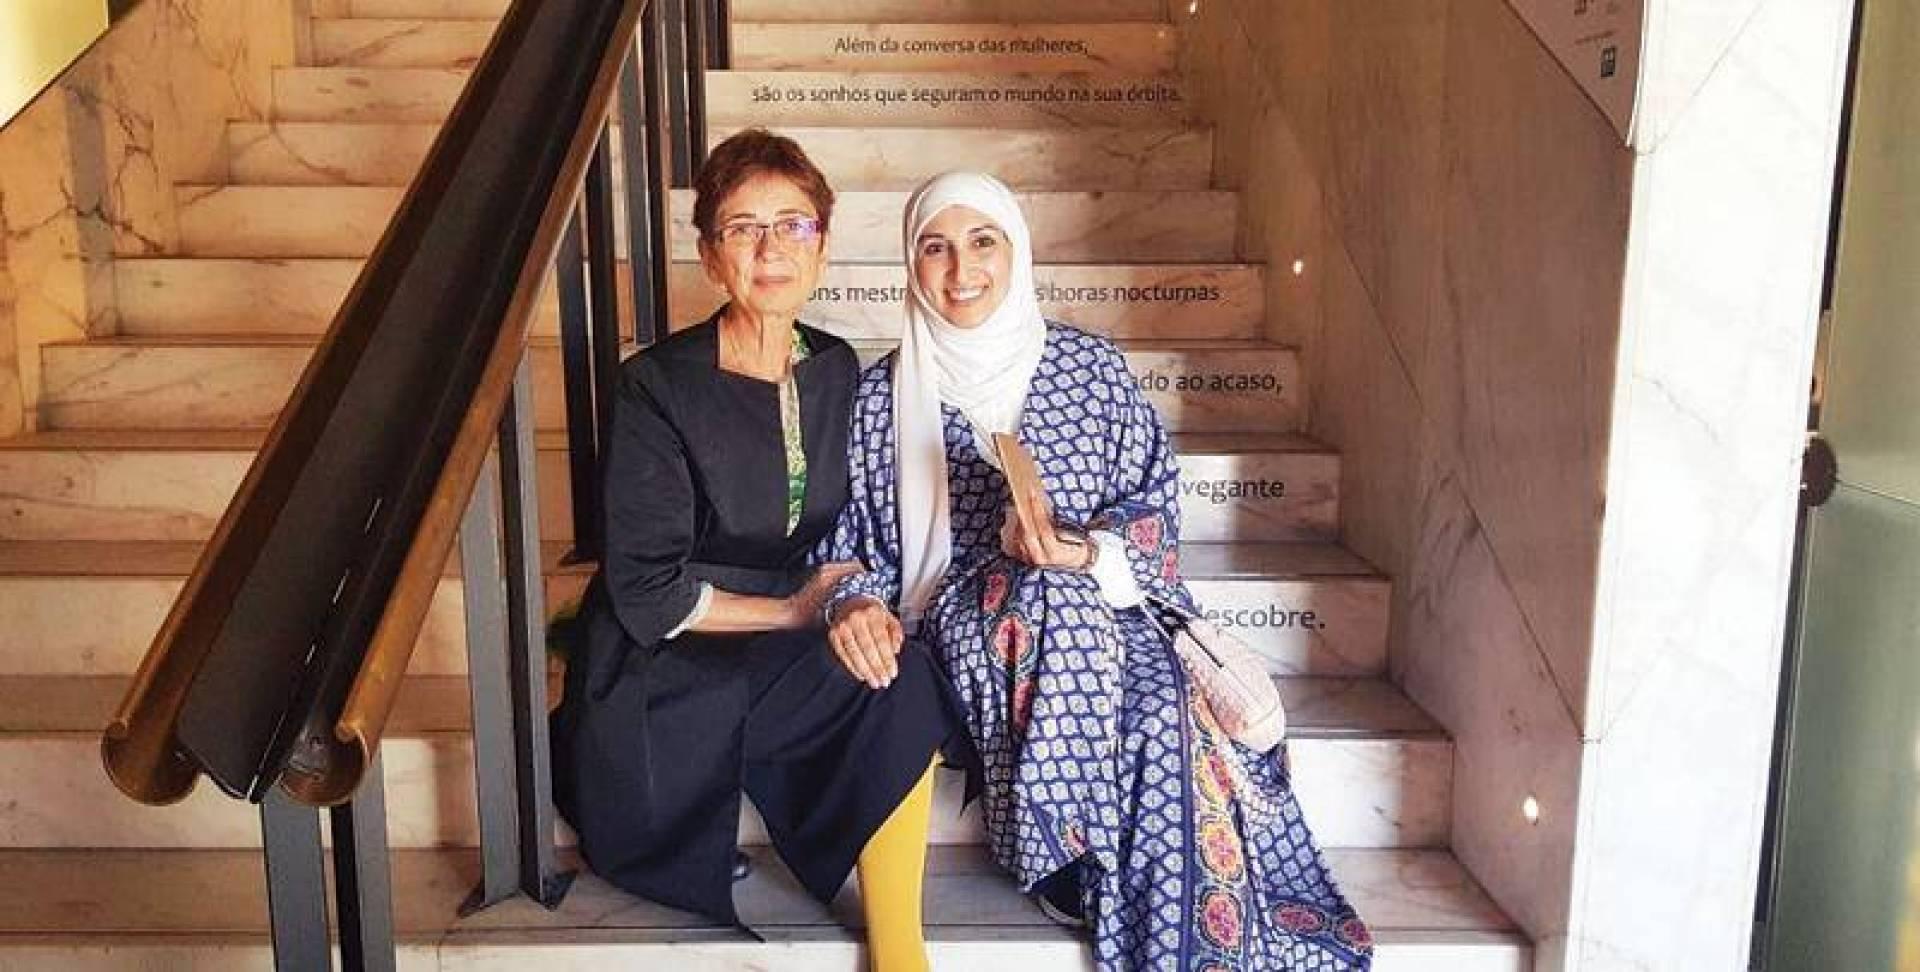 تسنيم المذكور مع بيلار زوجة الحائز على نوبل جوزيه ساراماغو